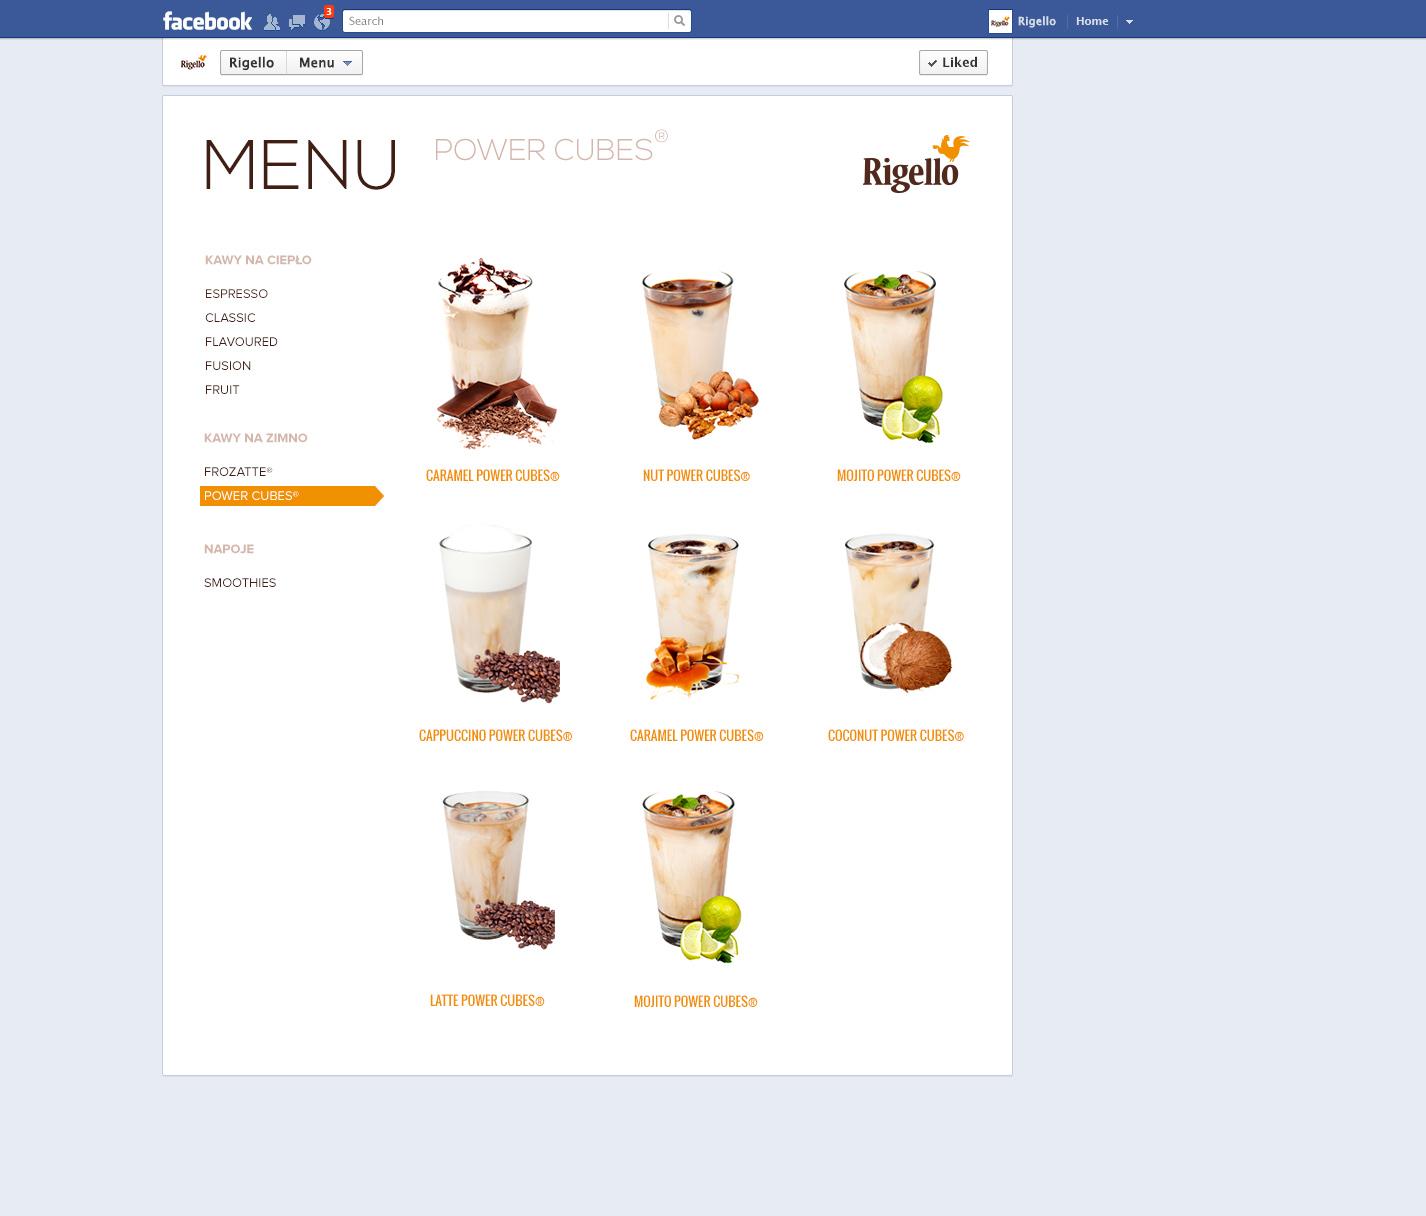 portfolio_rigello_menu_fanpage